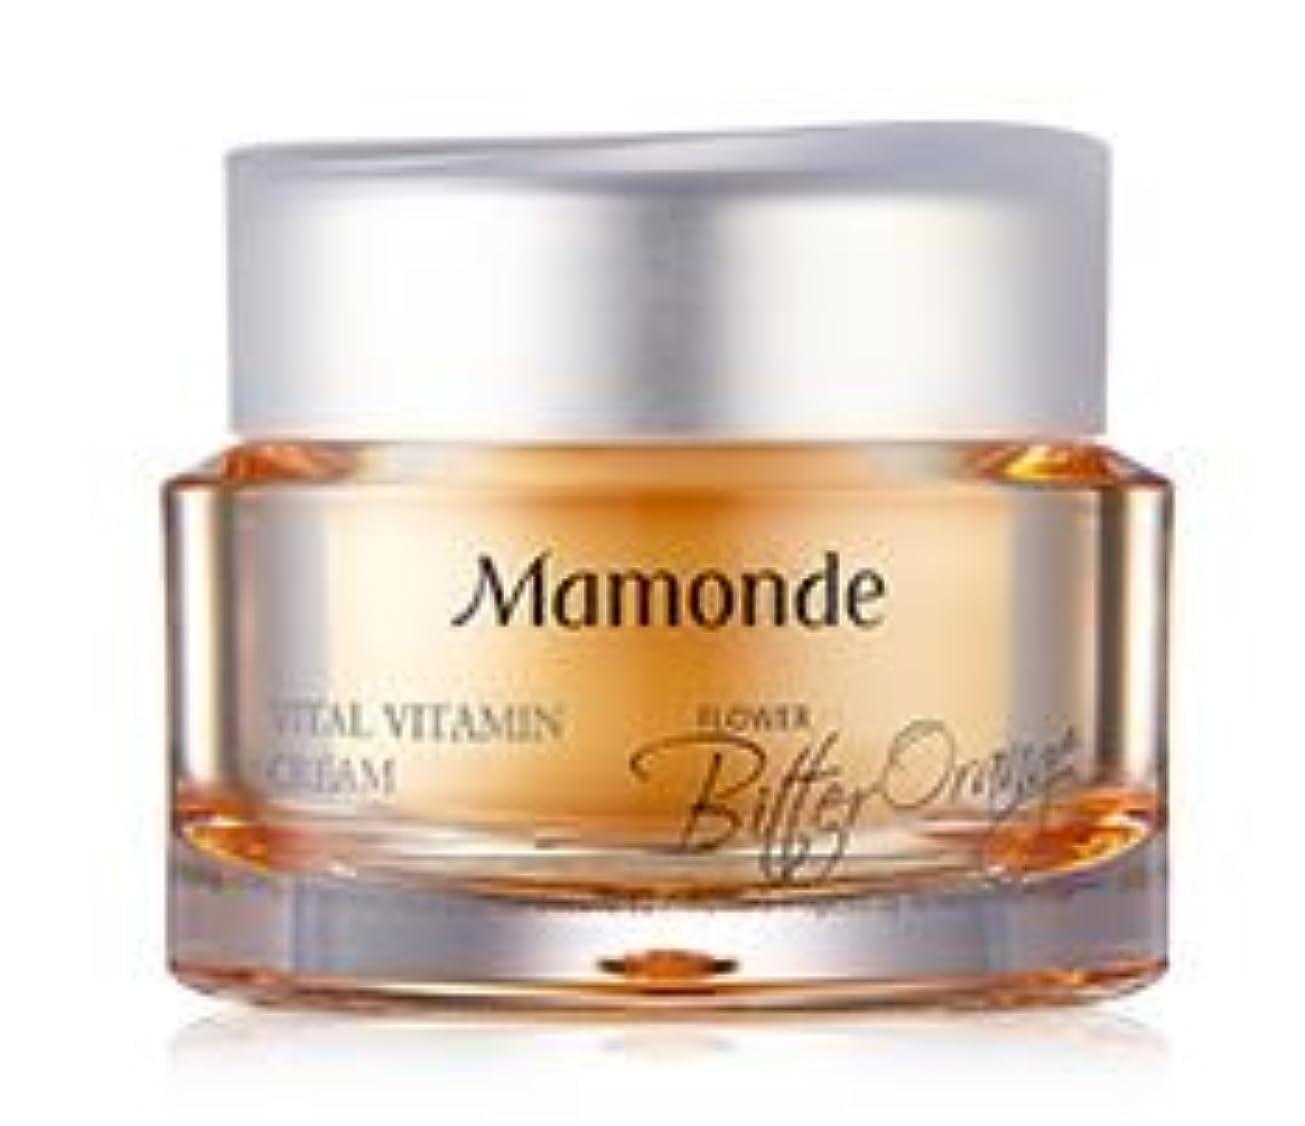 基礎理論どれか言語[Mamonde] Vital Vitamin Cream 50ml /[マモンド]バイタルビタミンクリーム50ml [並行輸入品]